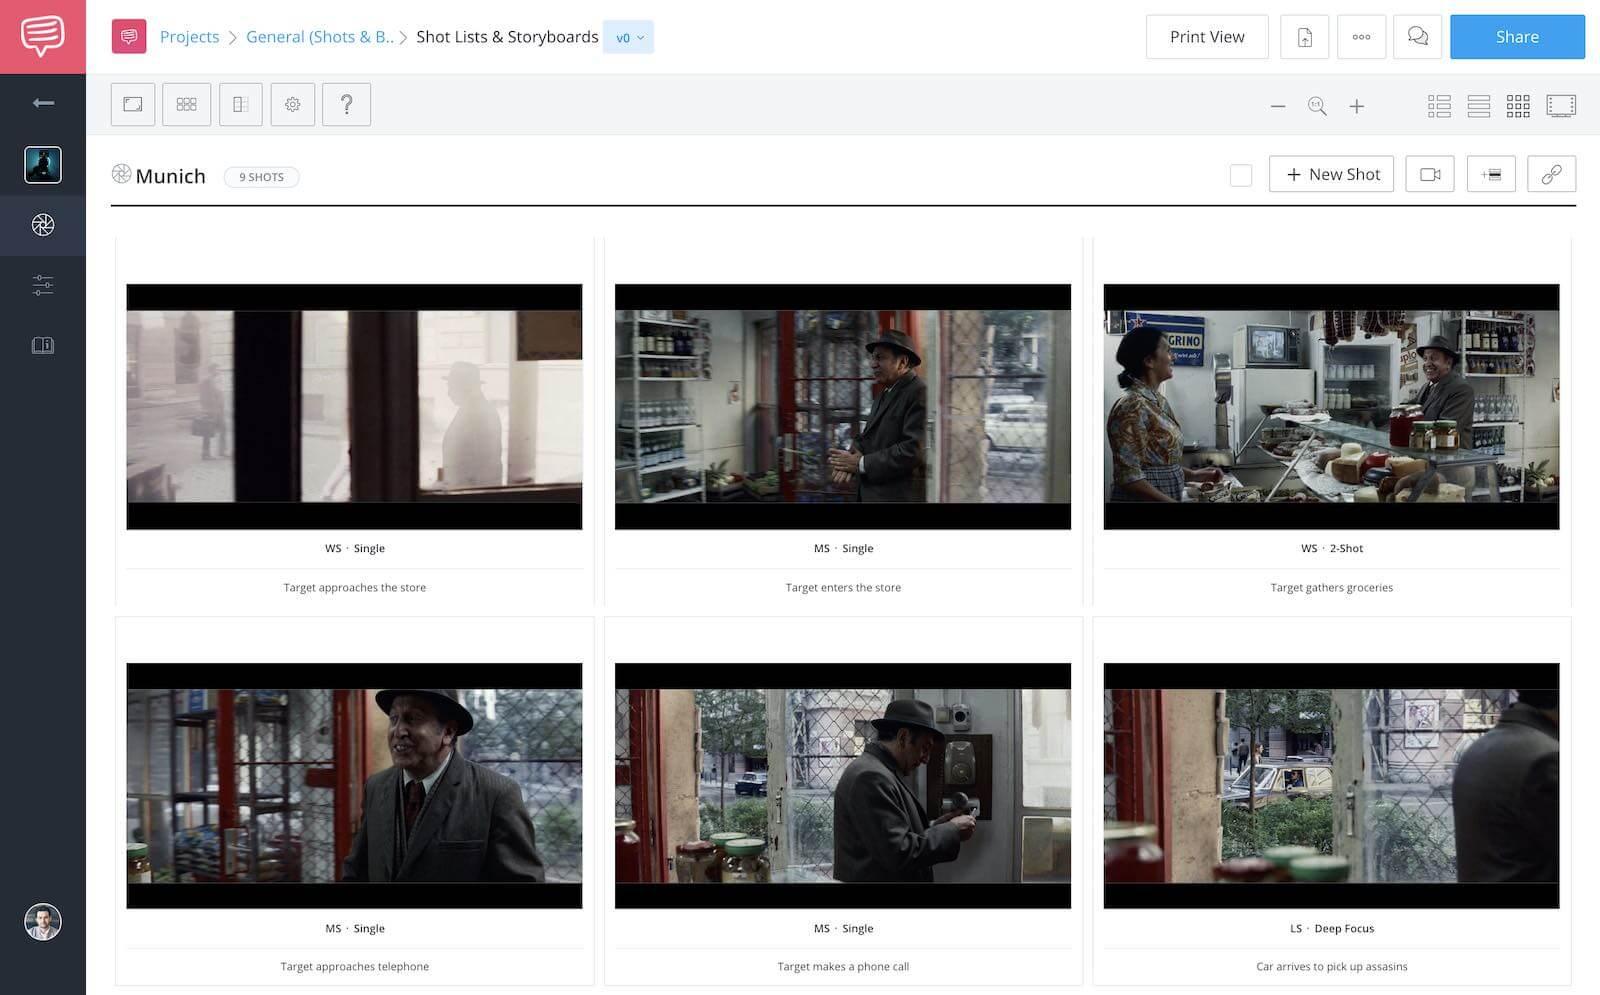 Munich - Steven Spielberg Filmmaking Style - StudioBinder Shot List